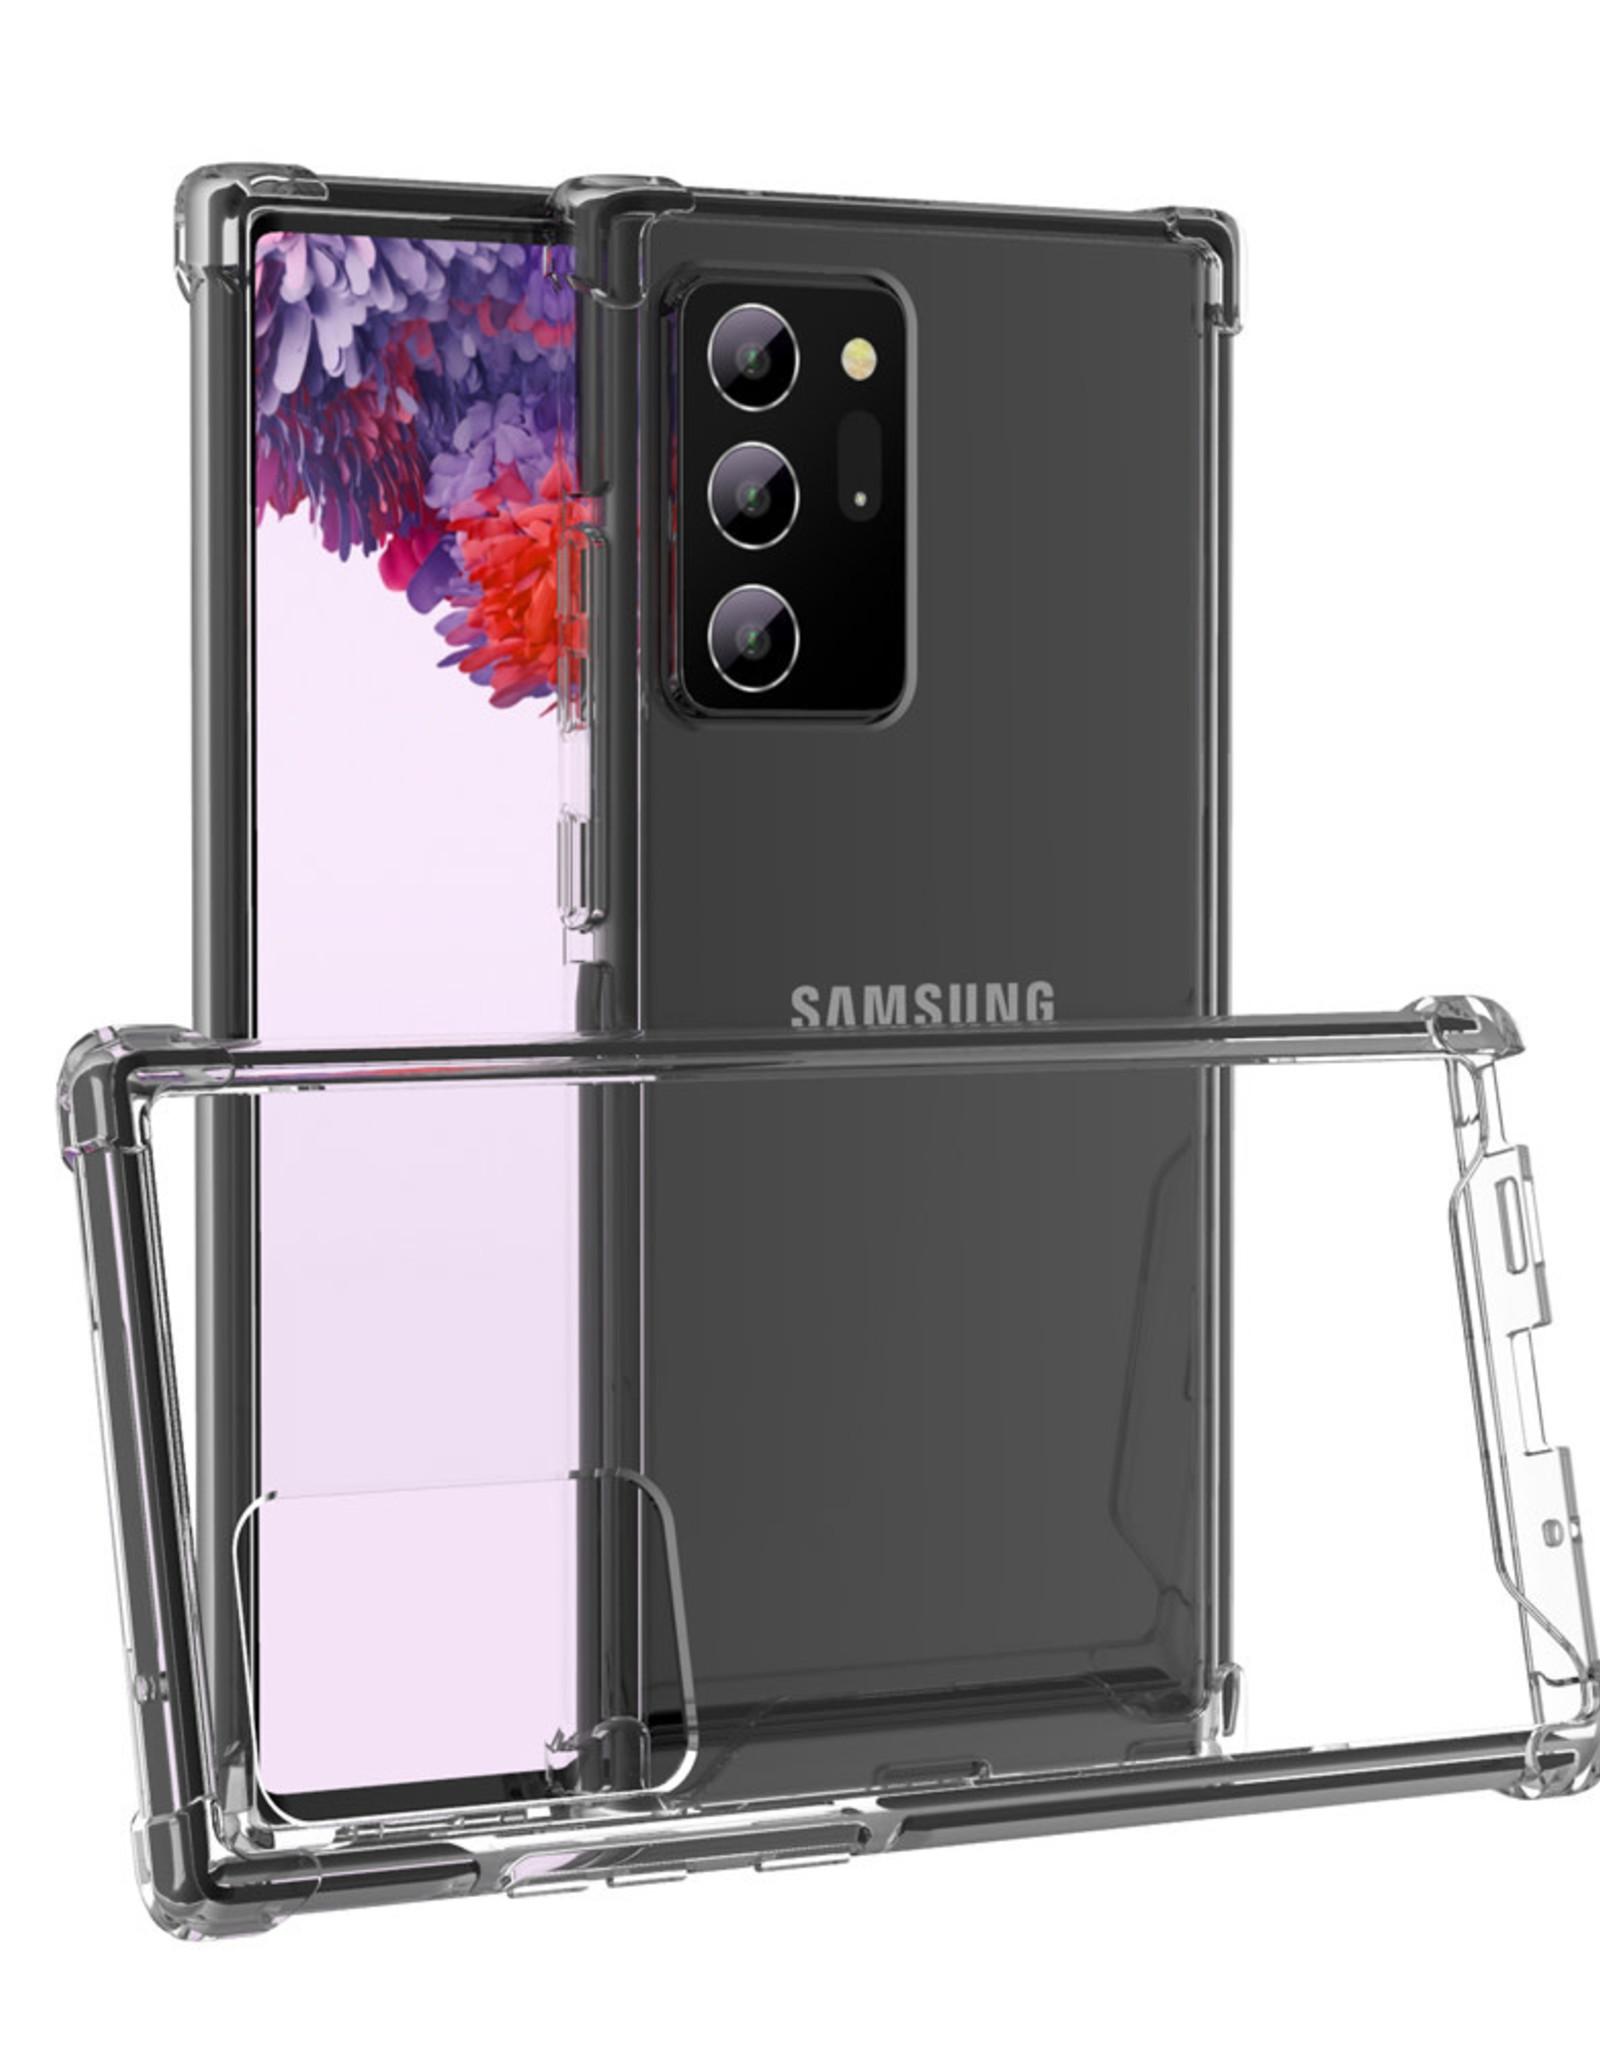 Blu Element Blu Element   DropZone Rugged Case Galaxy Note 20 Ultra Black   120-3162